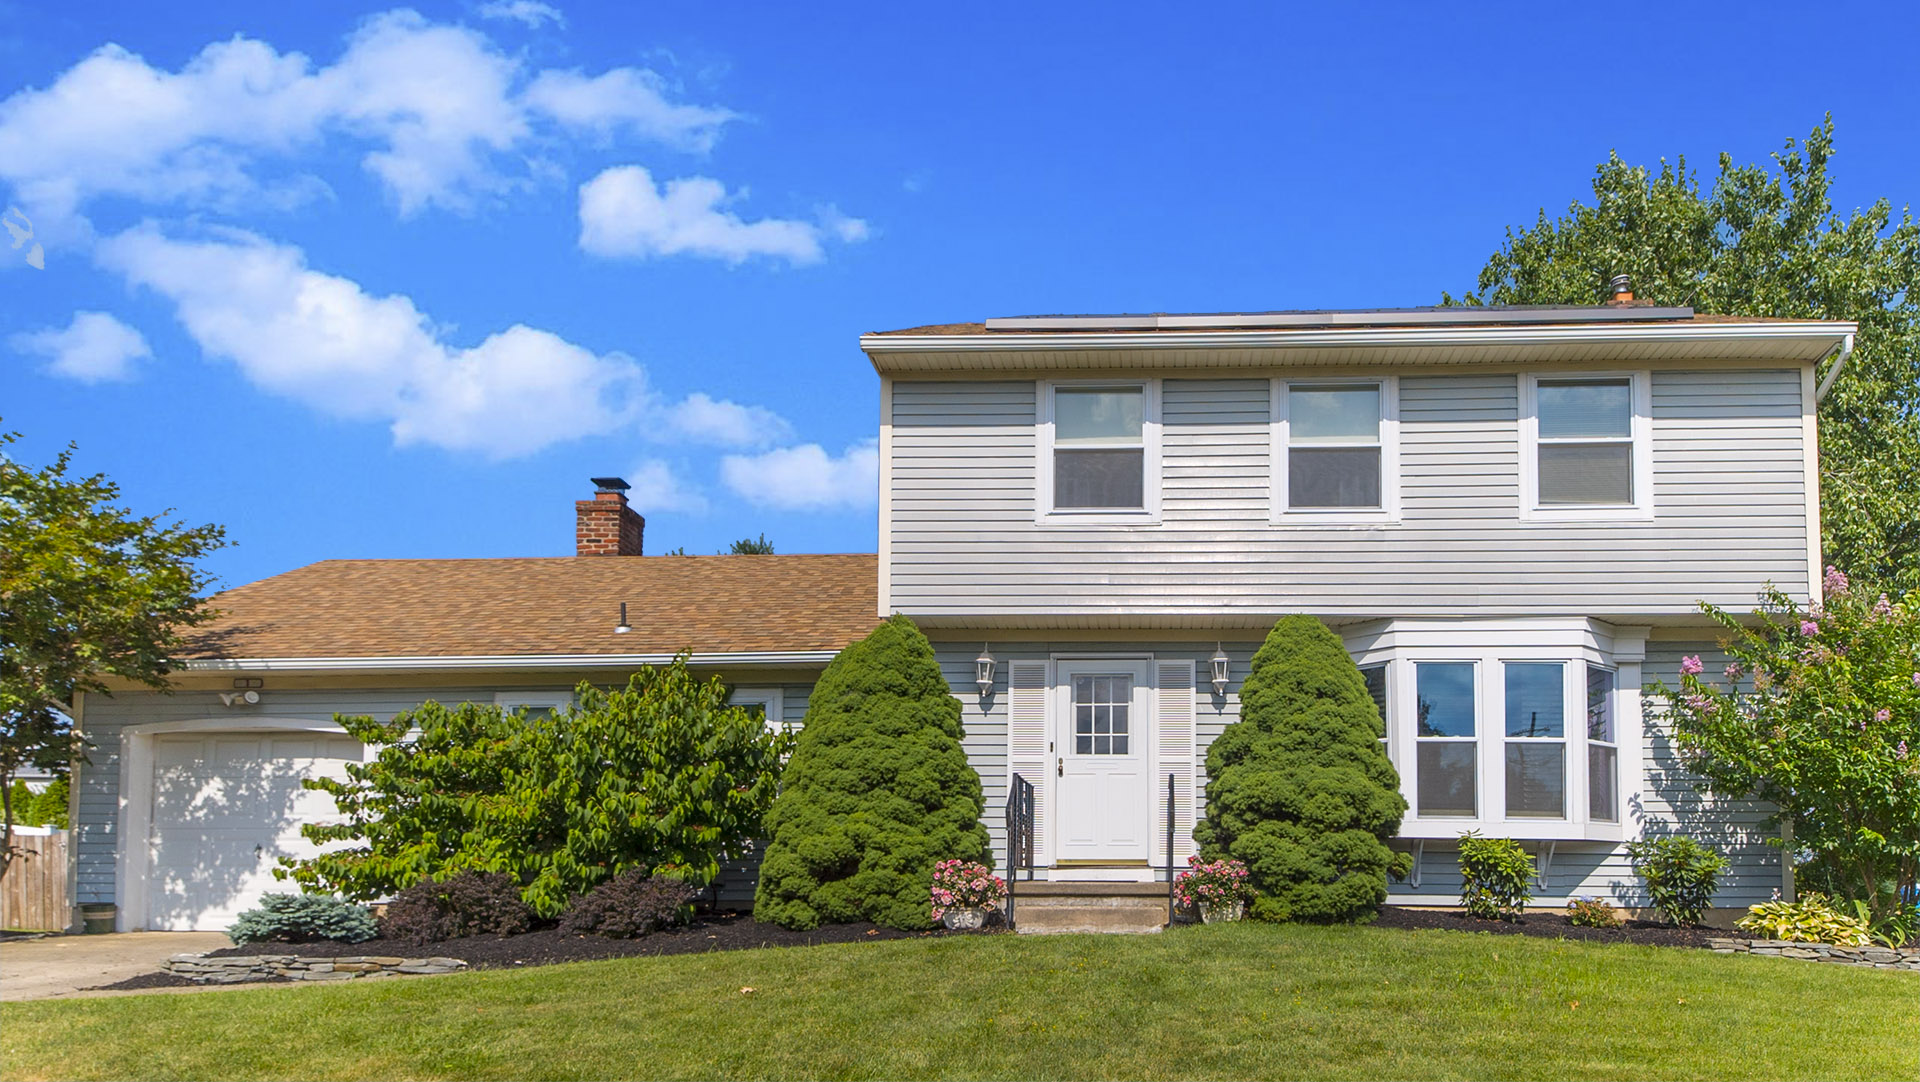 1 COBBLER LN MARLTON, NJ 08053-$329,900